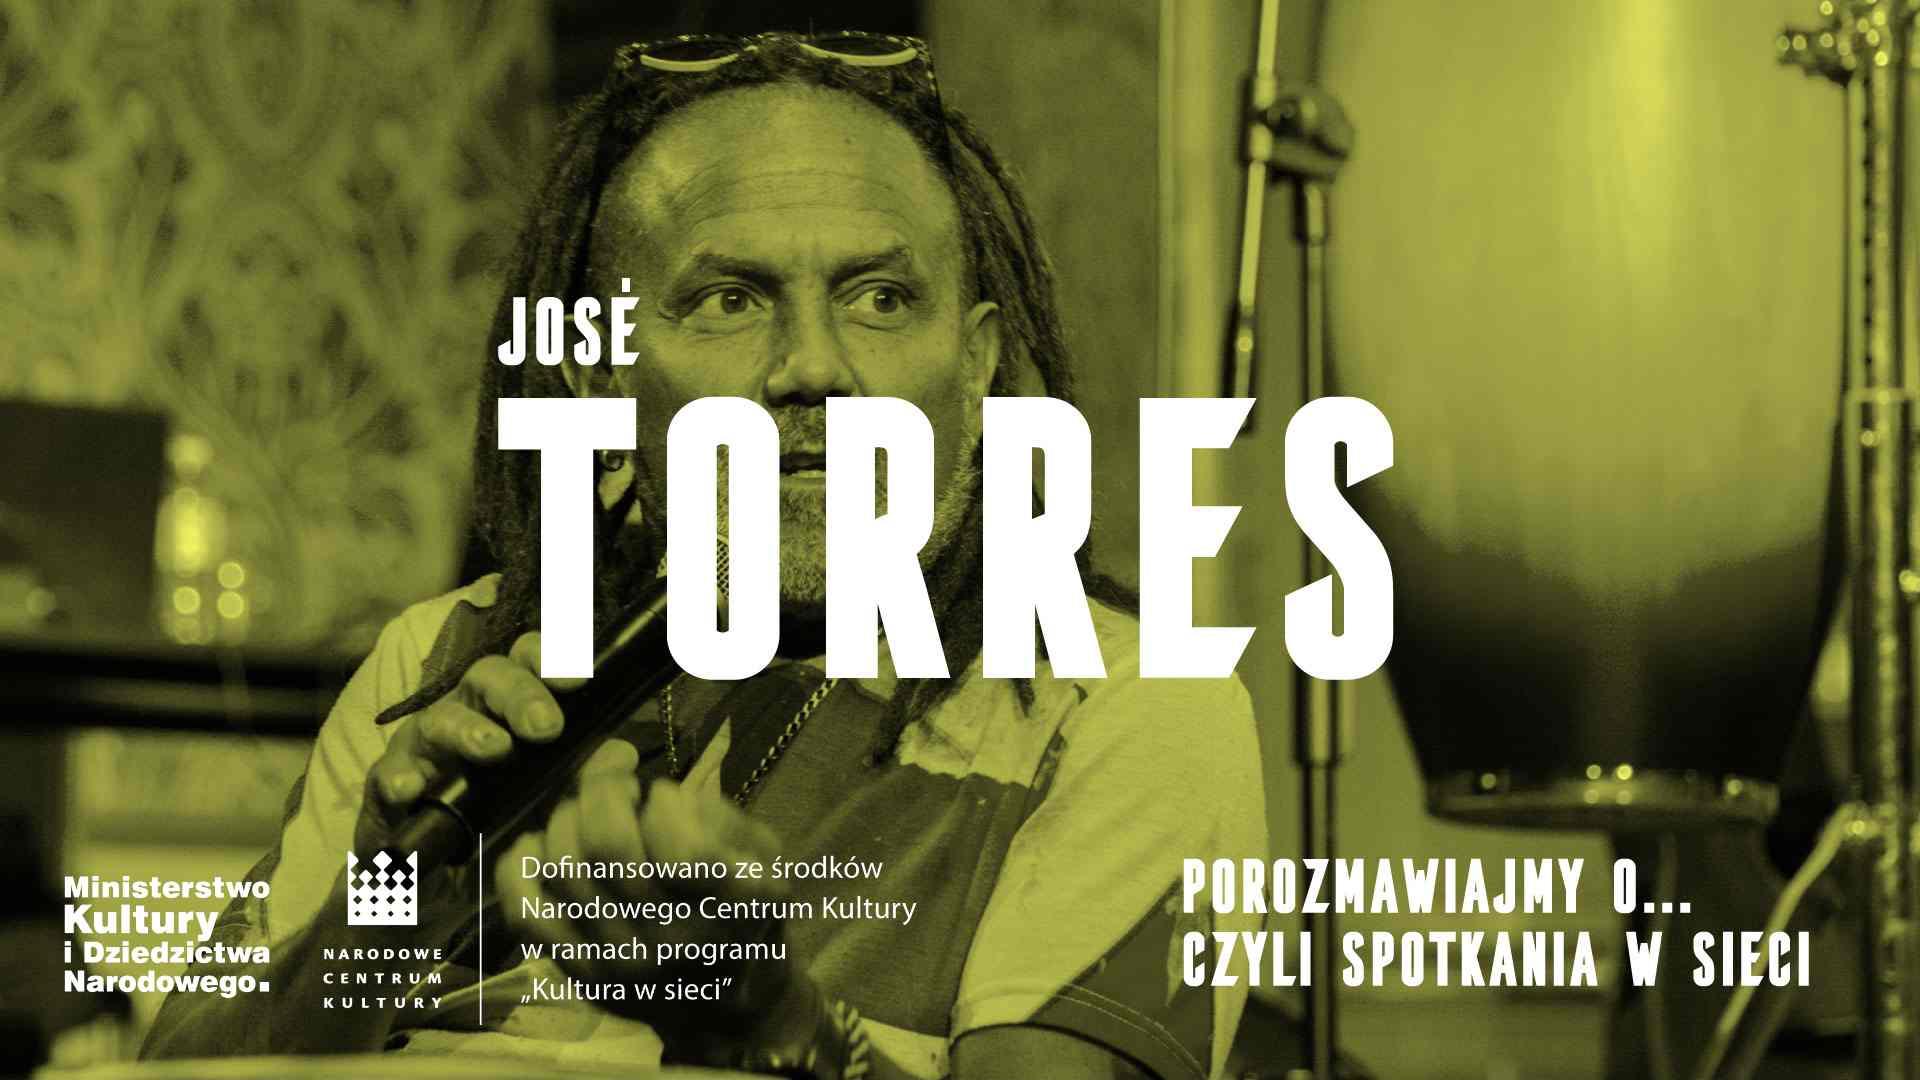 Porozmawiajmy o… czyli spotkania w sieci. José Torres